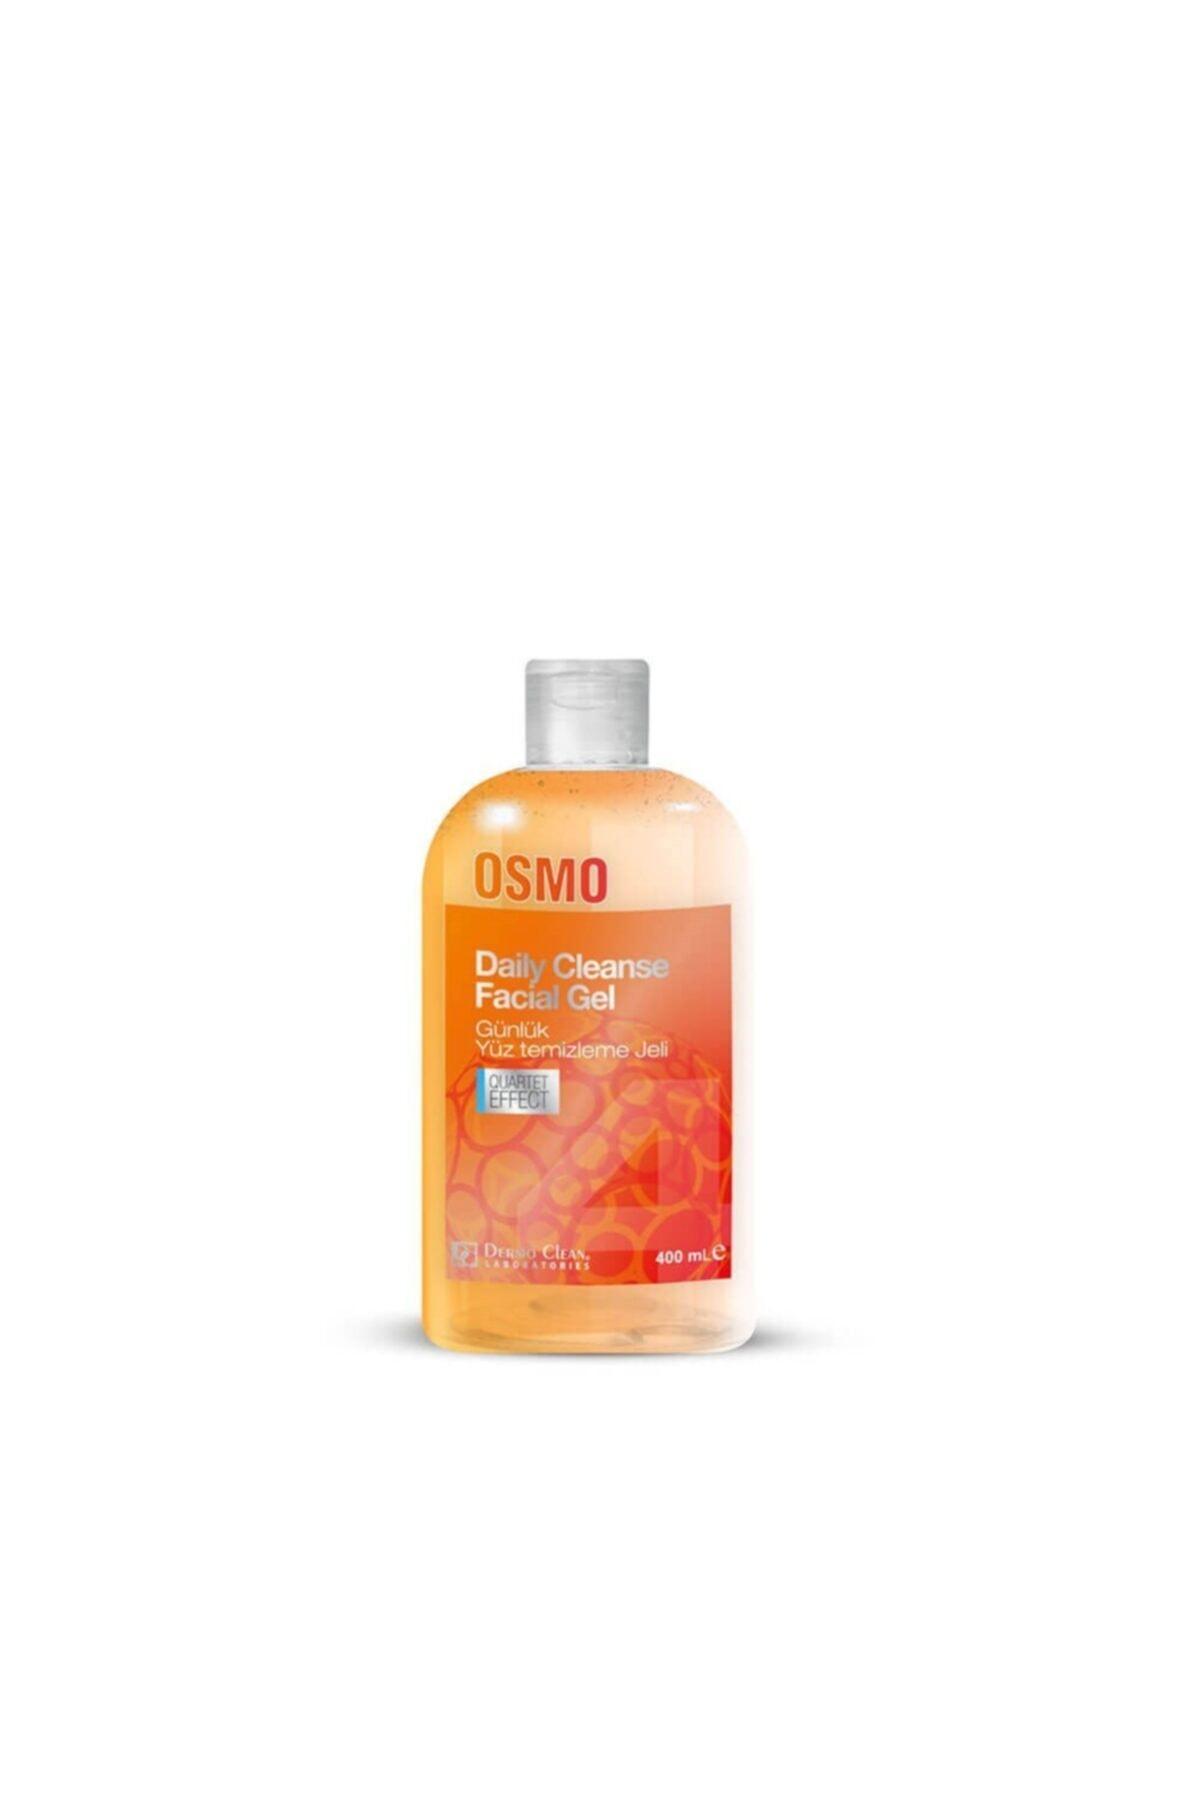 Osmo Daily Cleanse Facial Gel Günlük Yüz Temizleme Jeli 1